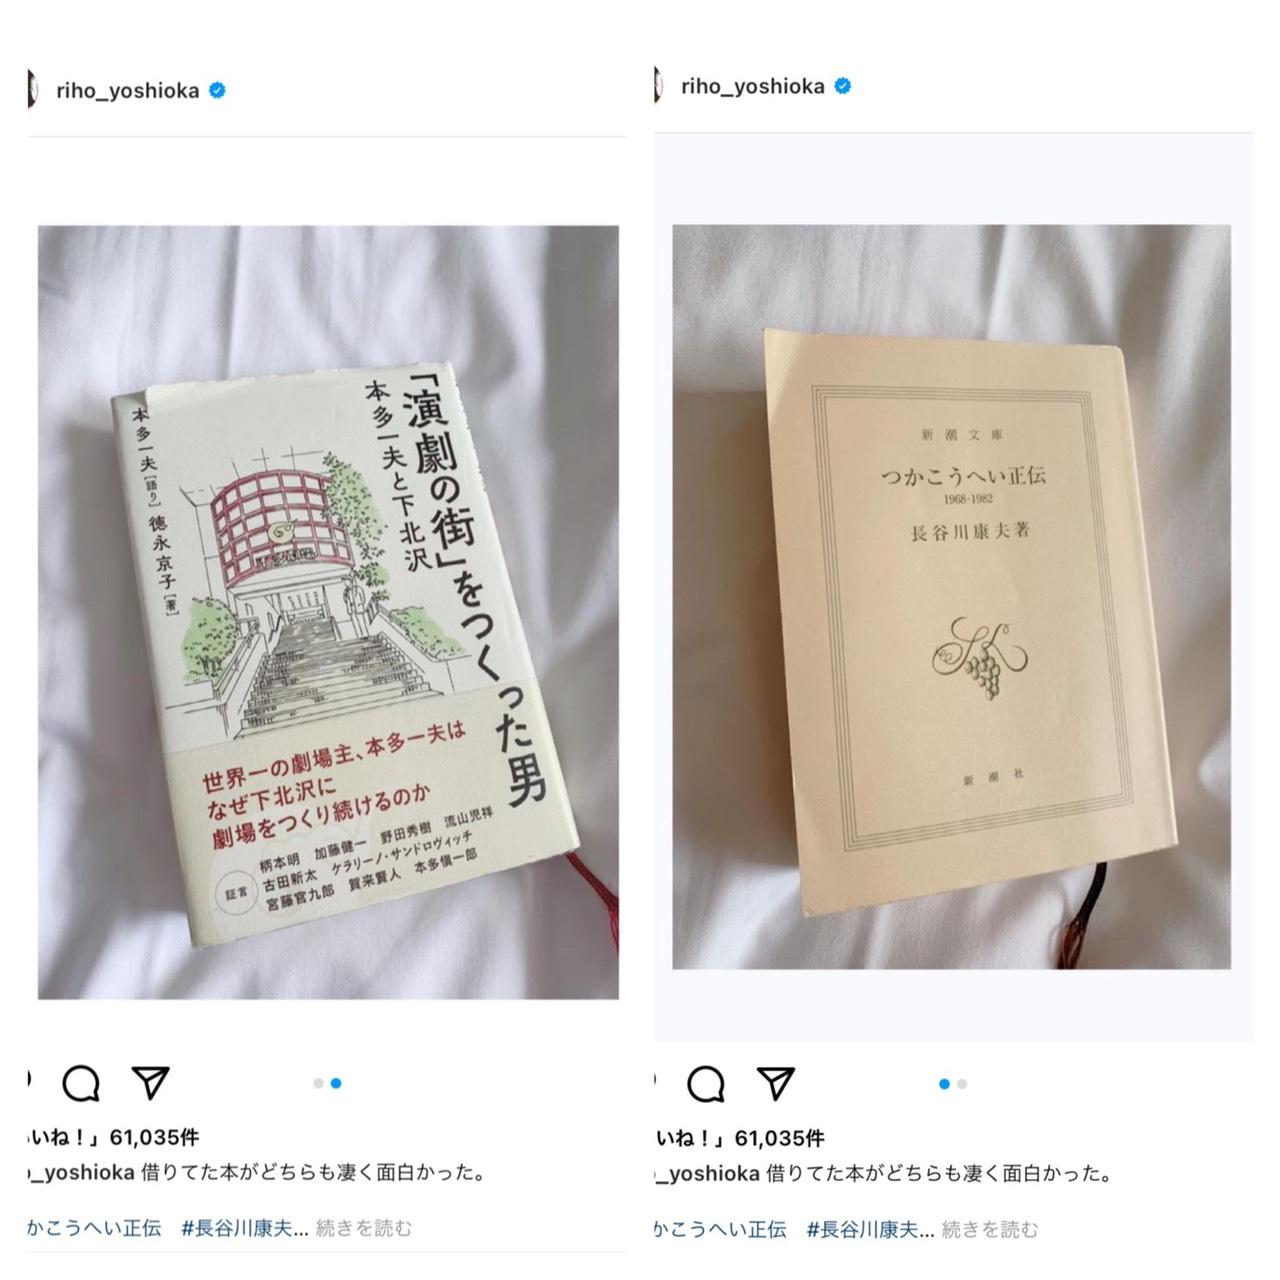 【速報】吉岡里帆 さらば青春の光・森田と交際の匂わせか? 借りてた本の持ち主がバレる